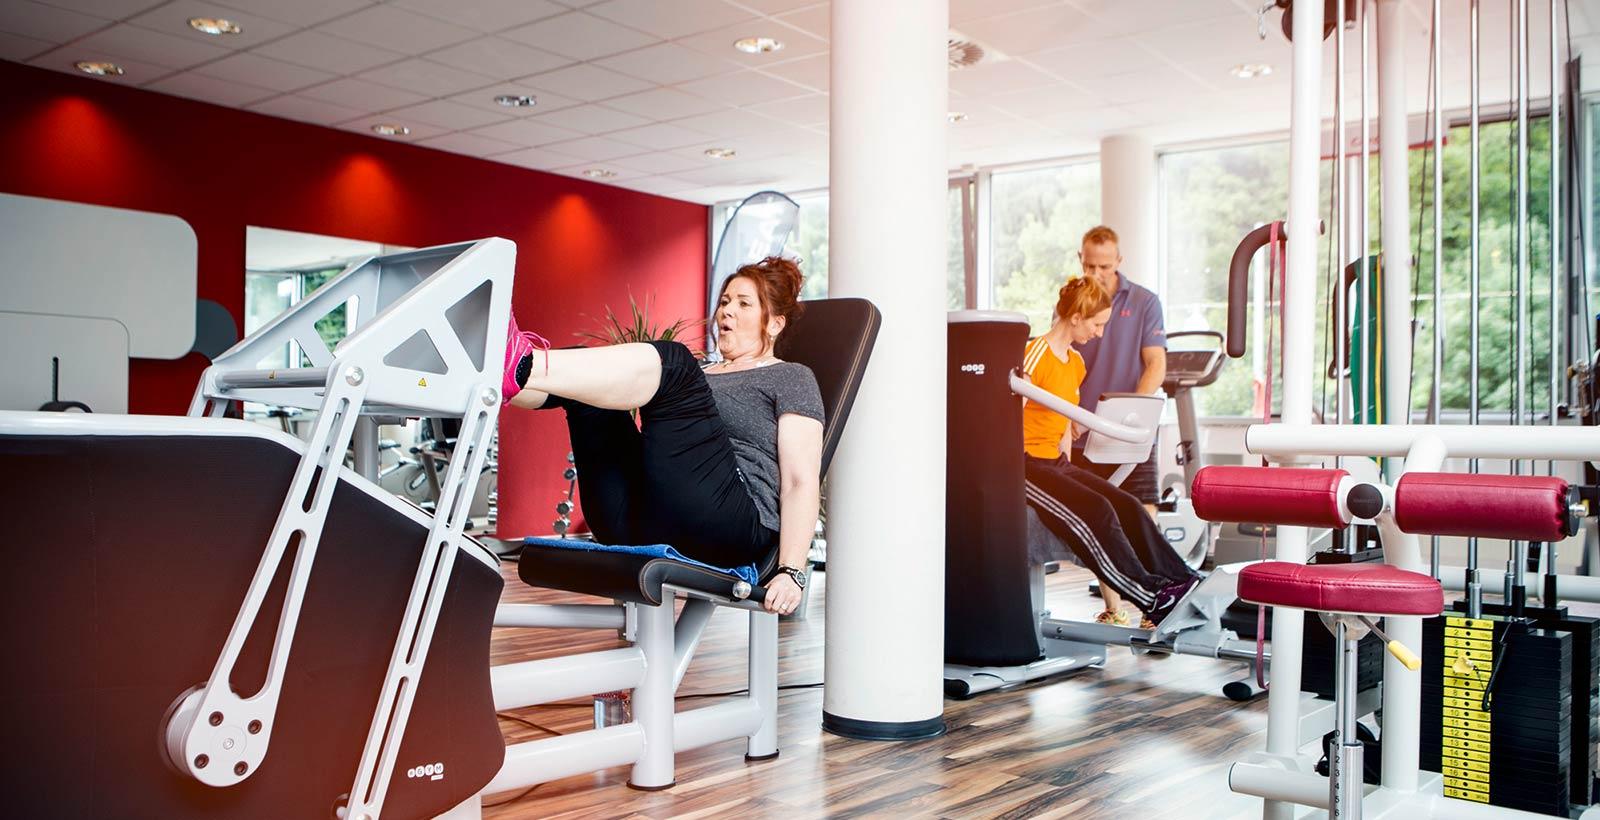 Kennenlernen im fitnessstudio